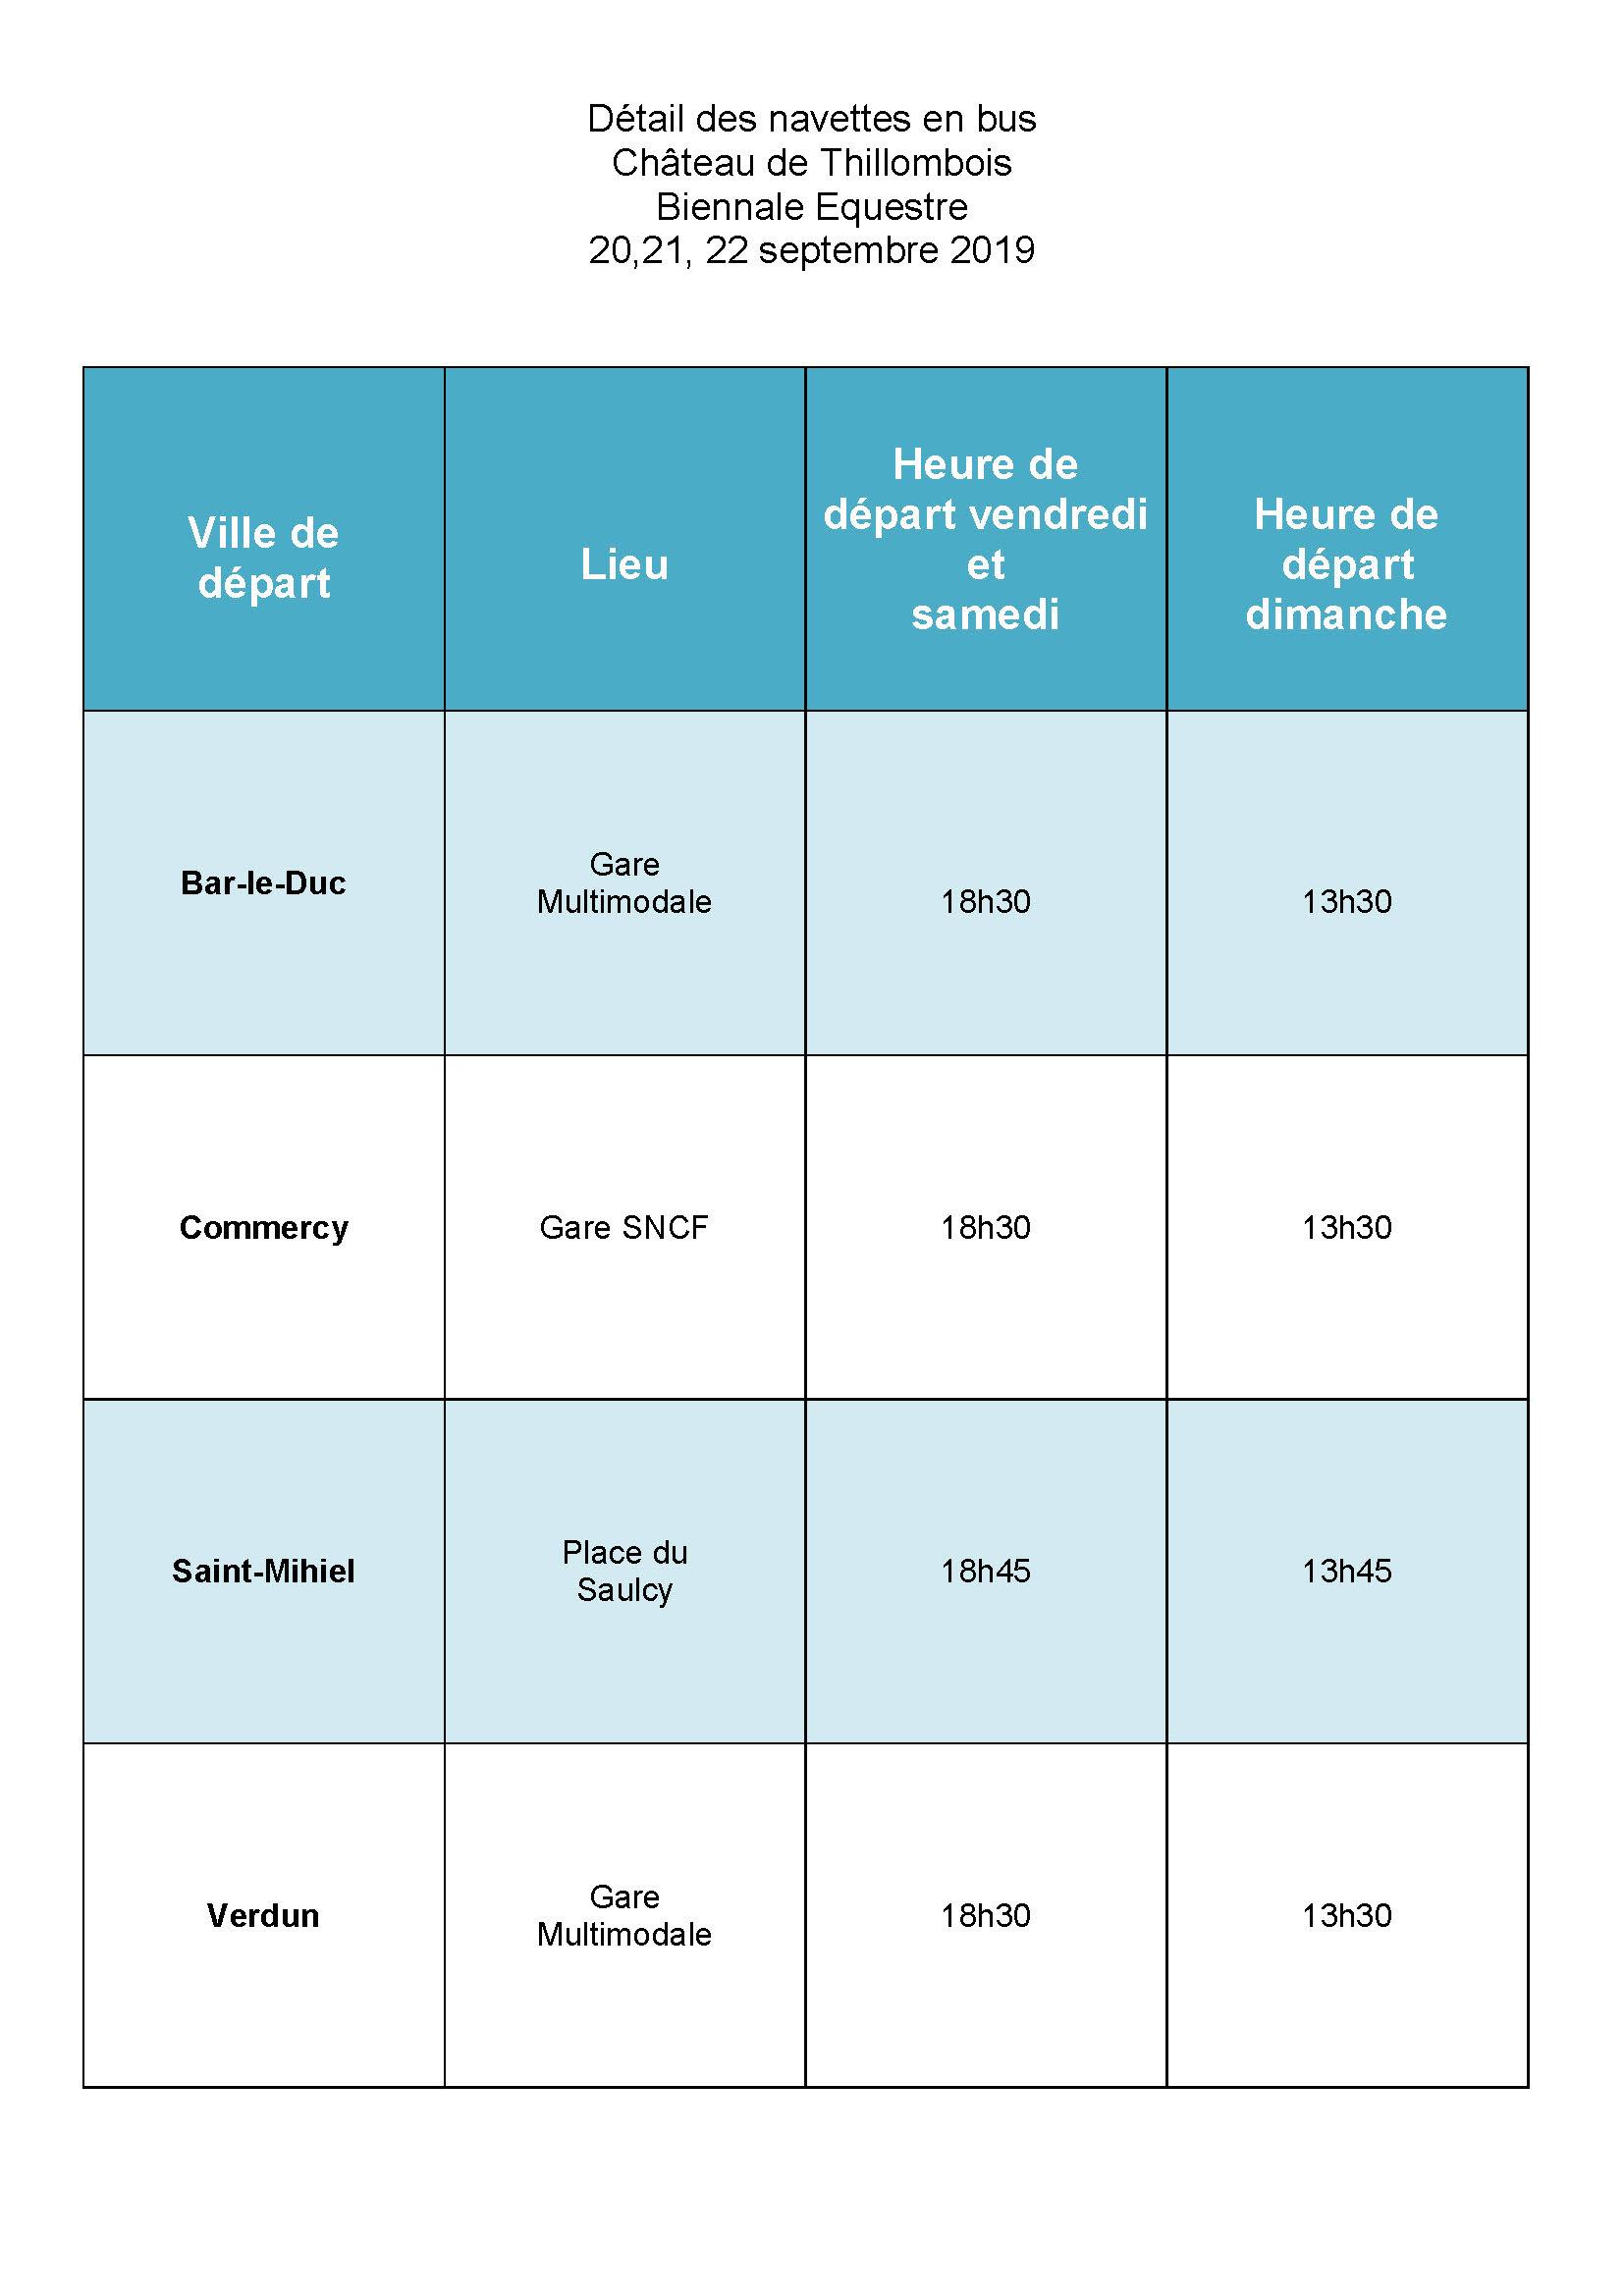 Détail des horaires, lieux, navettes en bus  biennale équestre  château de Thillombois 20 21 et 22 septembre 2019